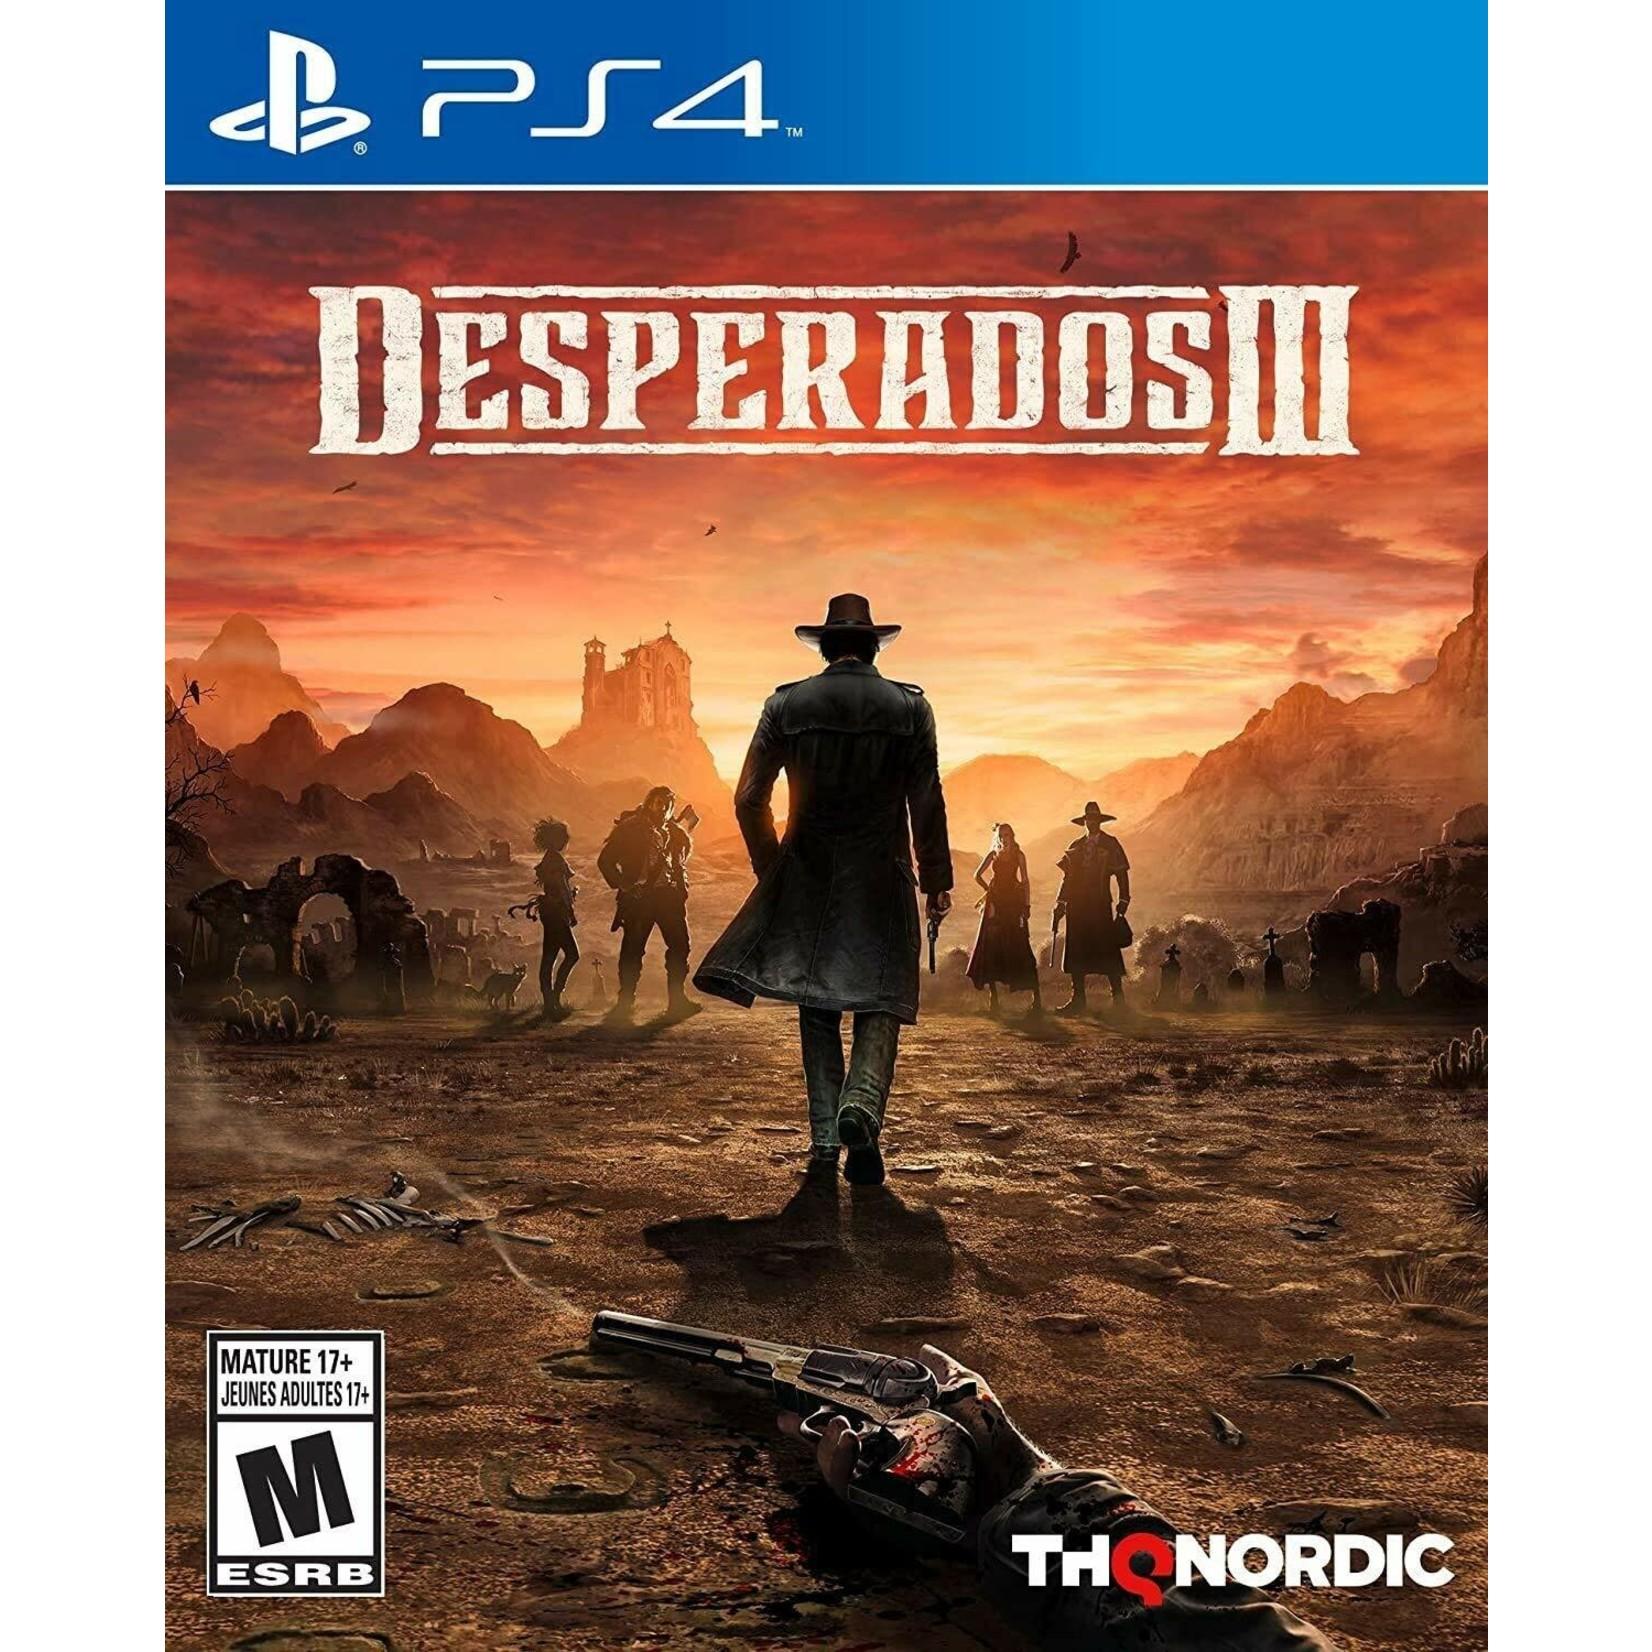 PS4U-Desperados III